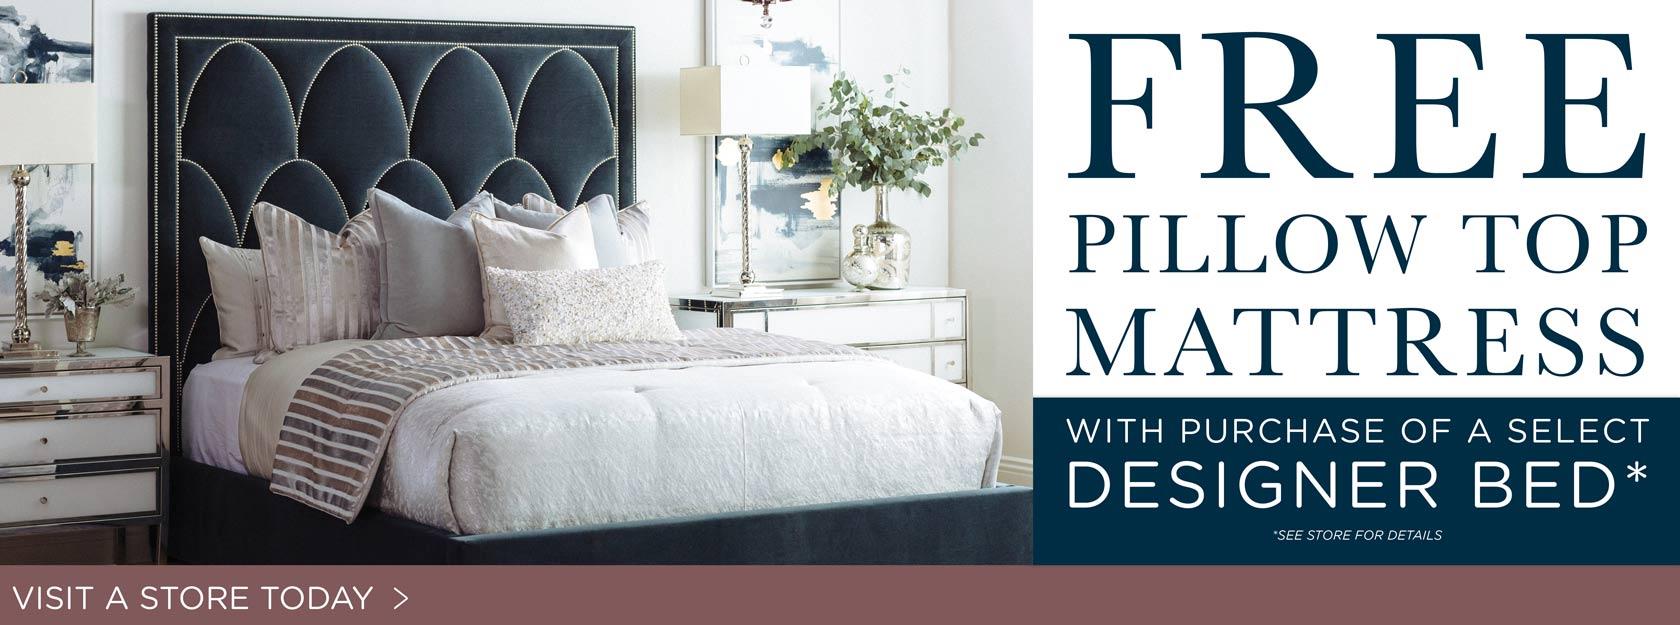 Designer Bed In-Store Promotion